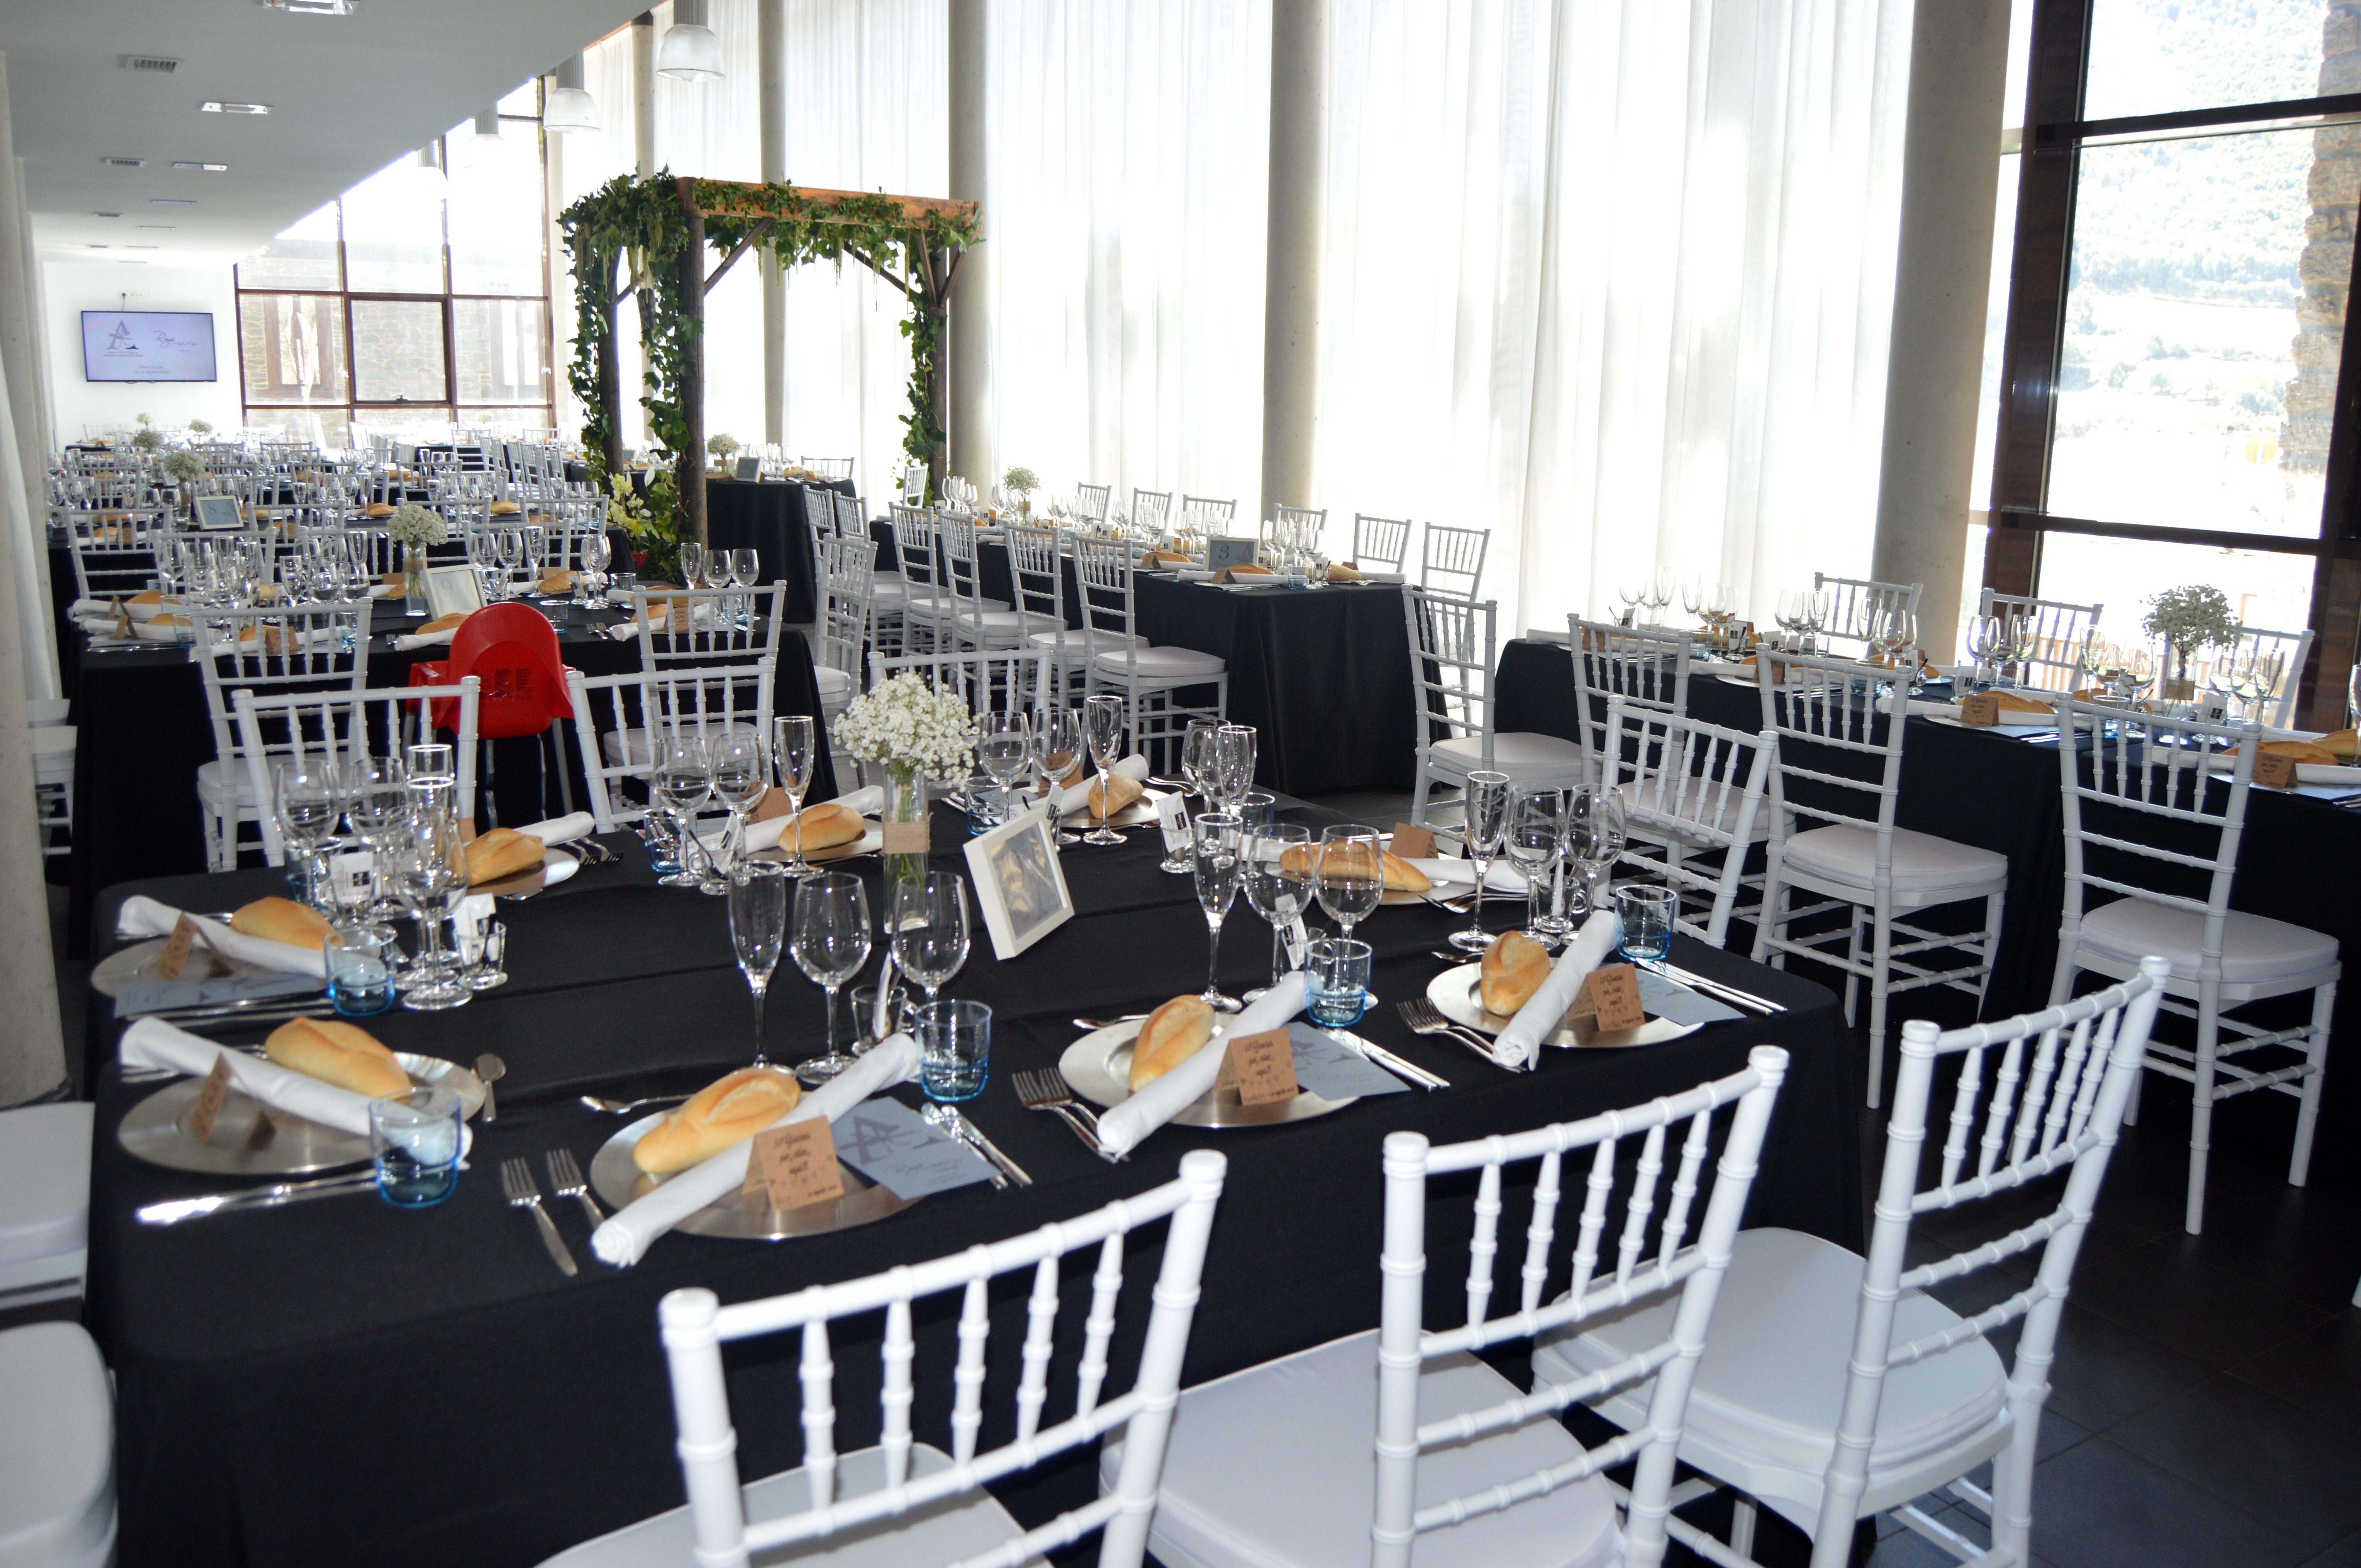 Alquiler de sillas para bodas y ceremonias Asturias.